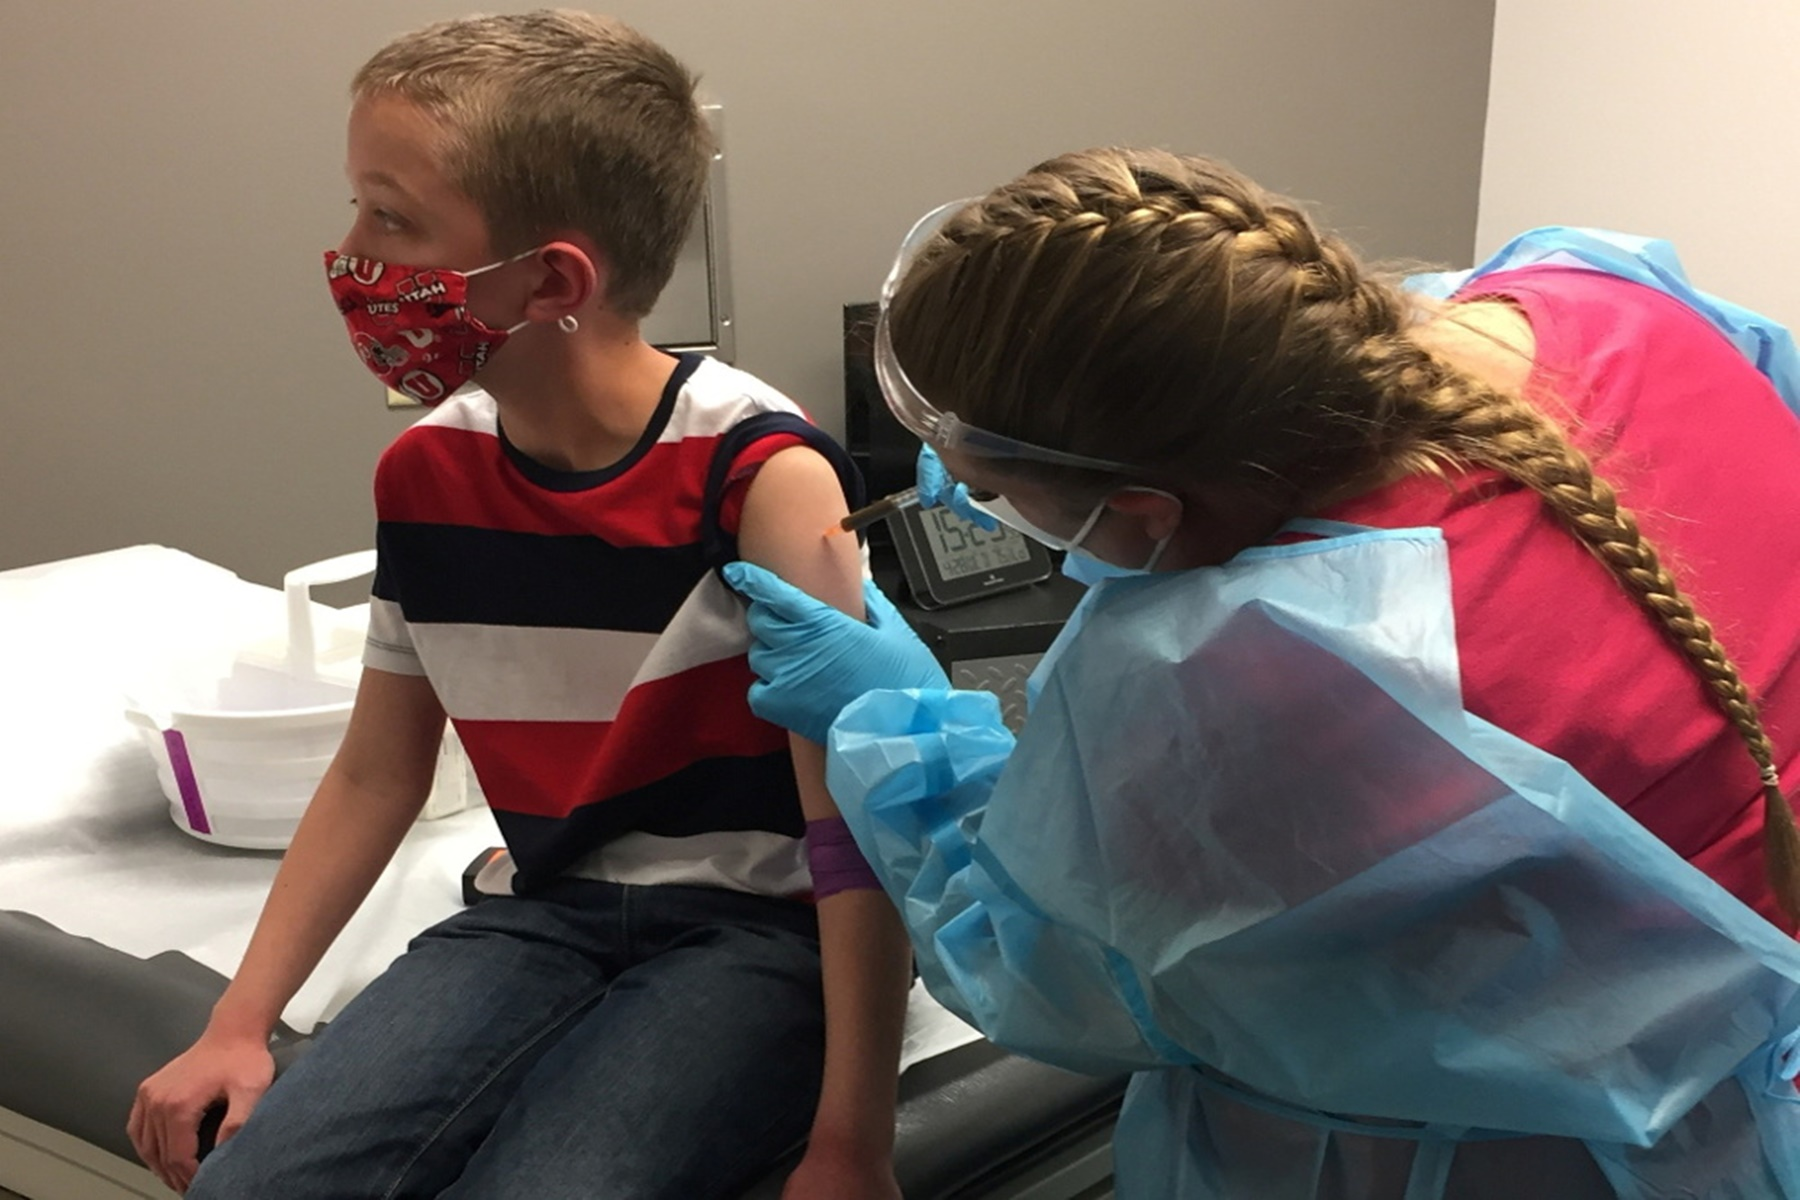 Εμβολιασμοί Pfizer: Θα ζητήσει έγκριση έκτακτης ανάγκης για εμβόλια COVID-19 για παιδιά ηλικίας 5-11 έως το φθινόπωρο